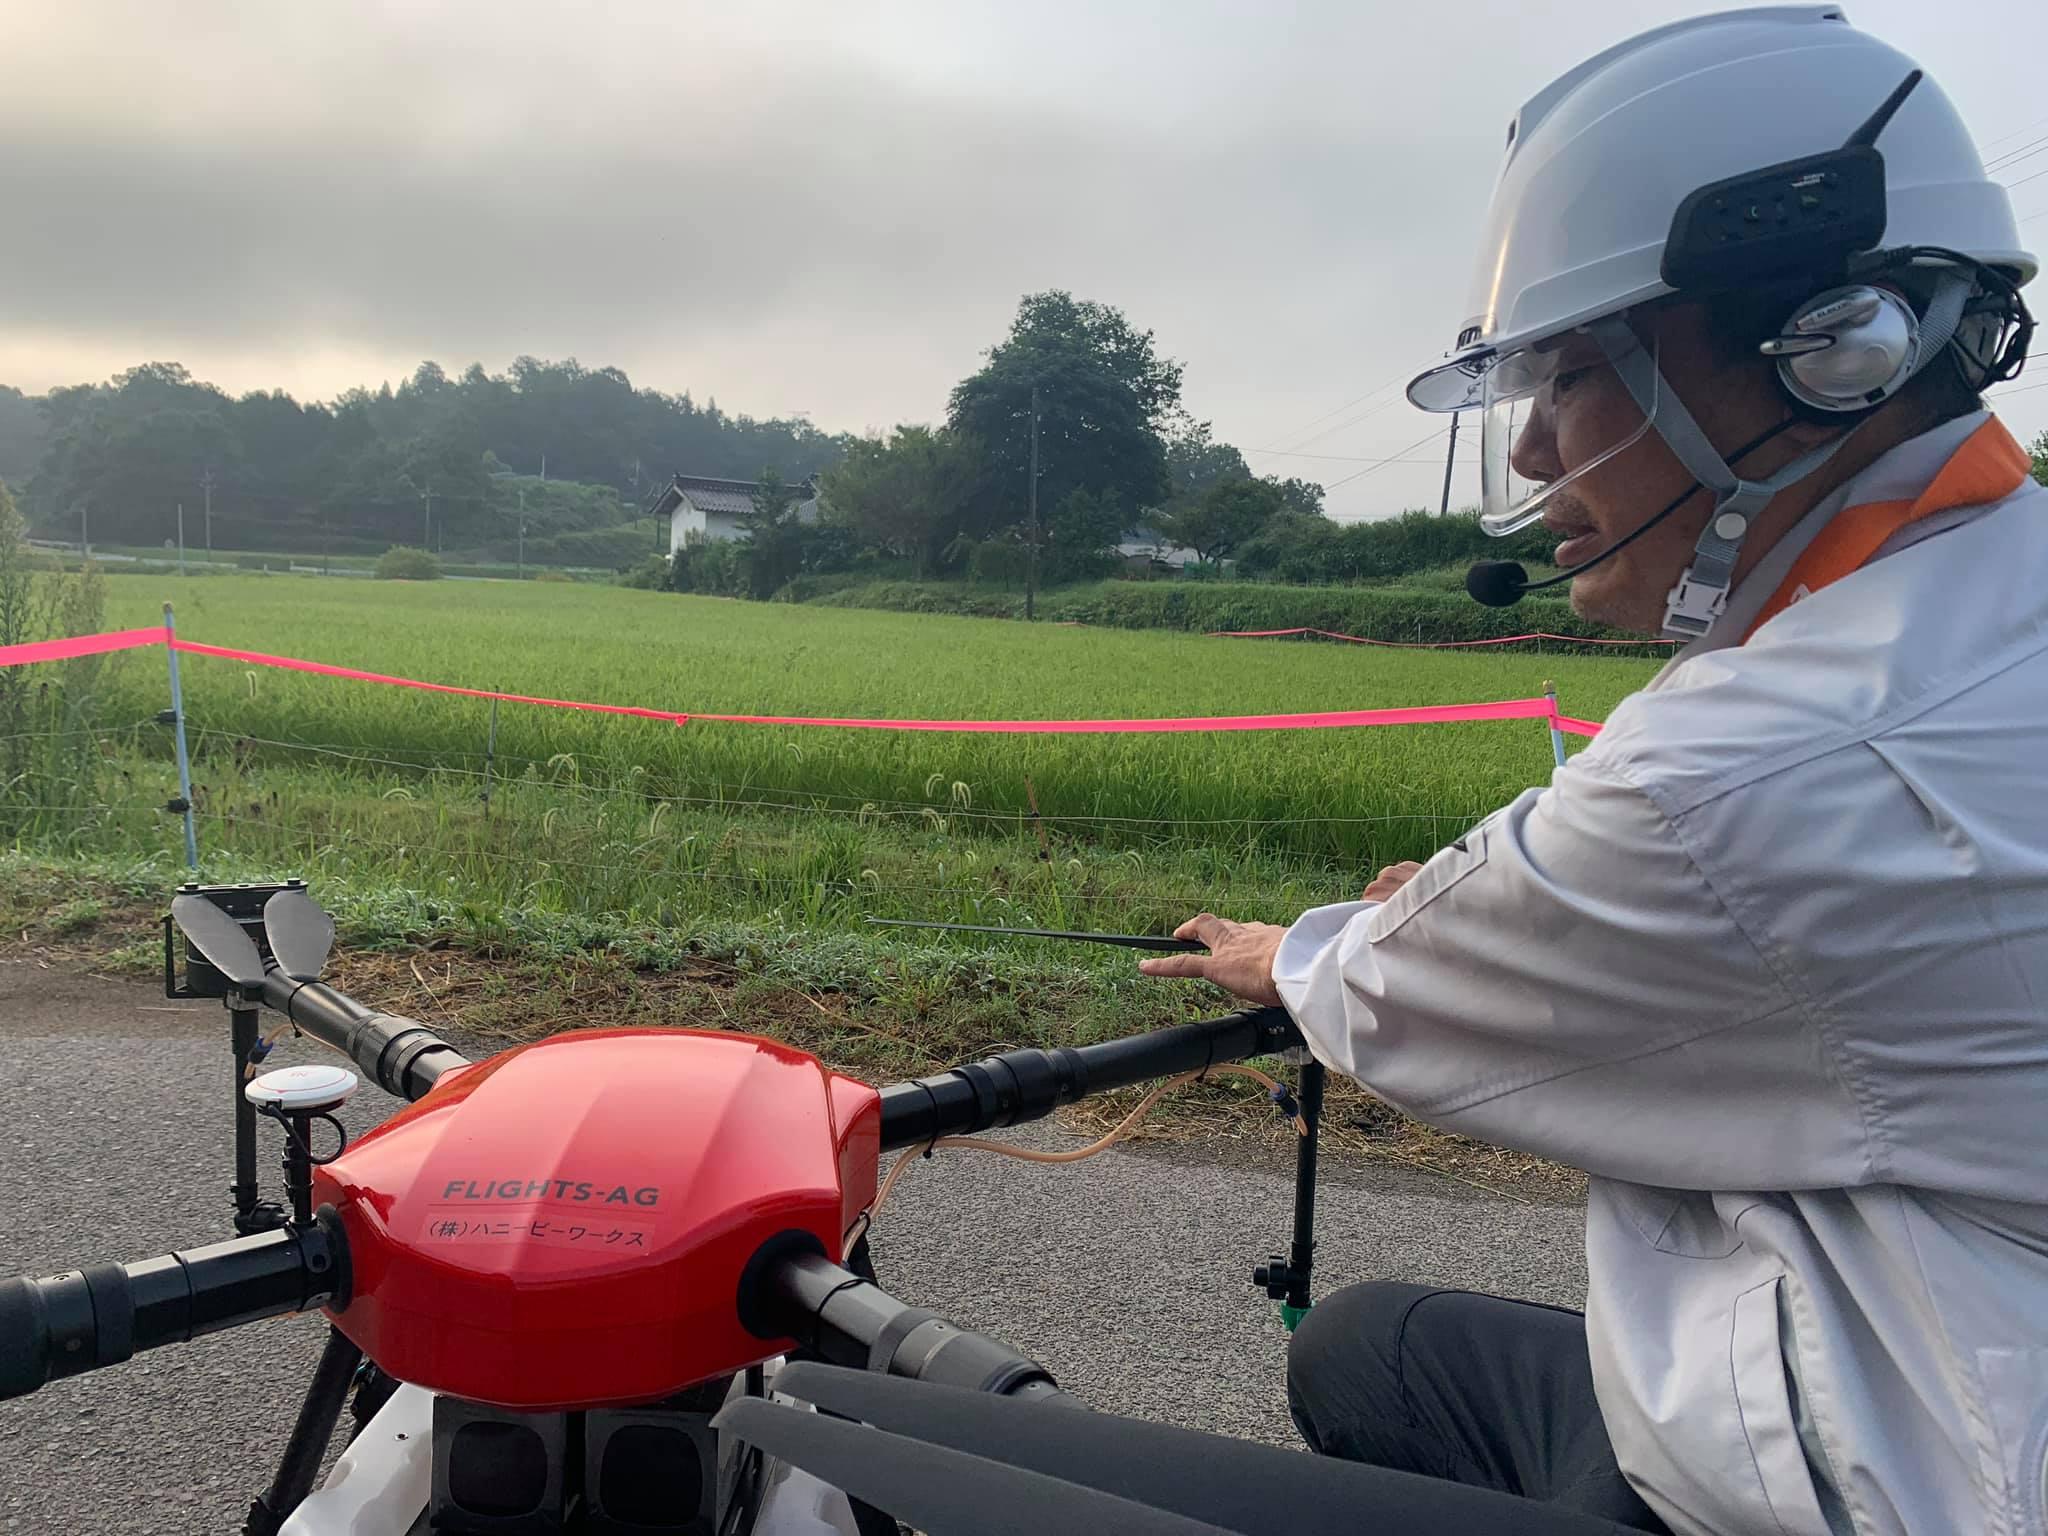 ドローン散布に安全と便利なシールド付きヘルメット